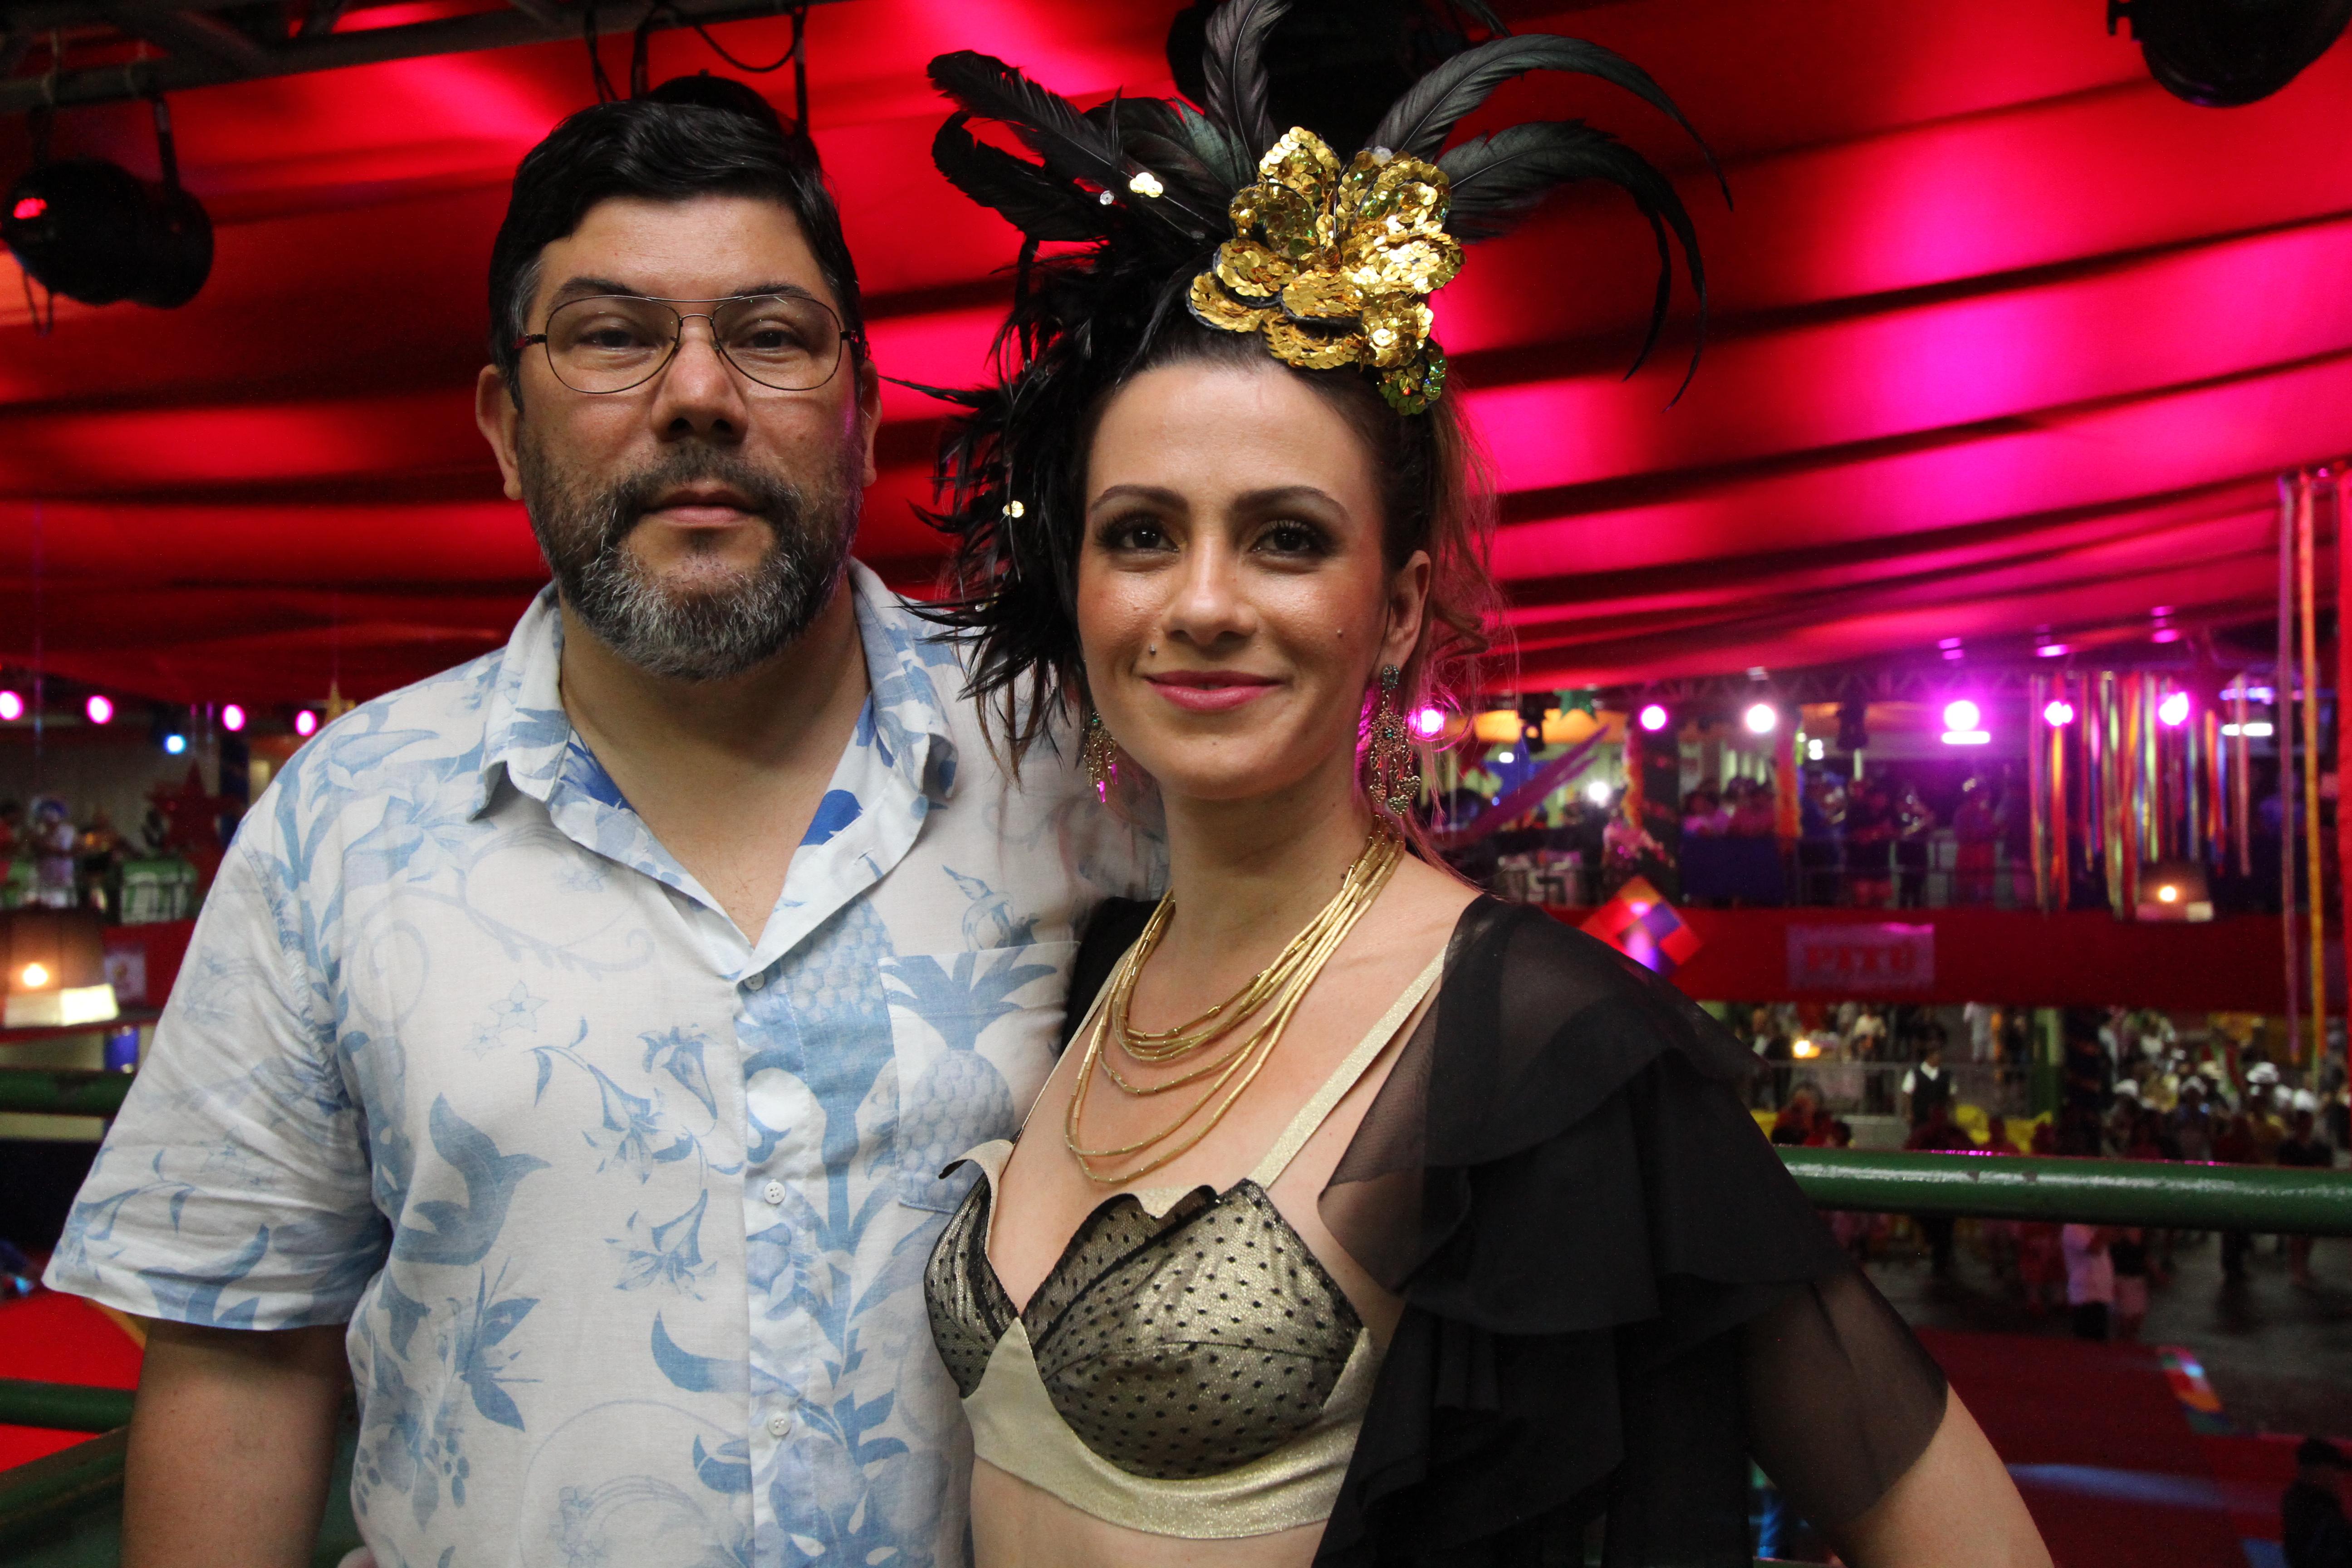 Alirio Moraes e Fernanda - Crédito: Nando Chiappetta/DP